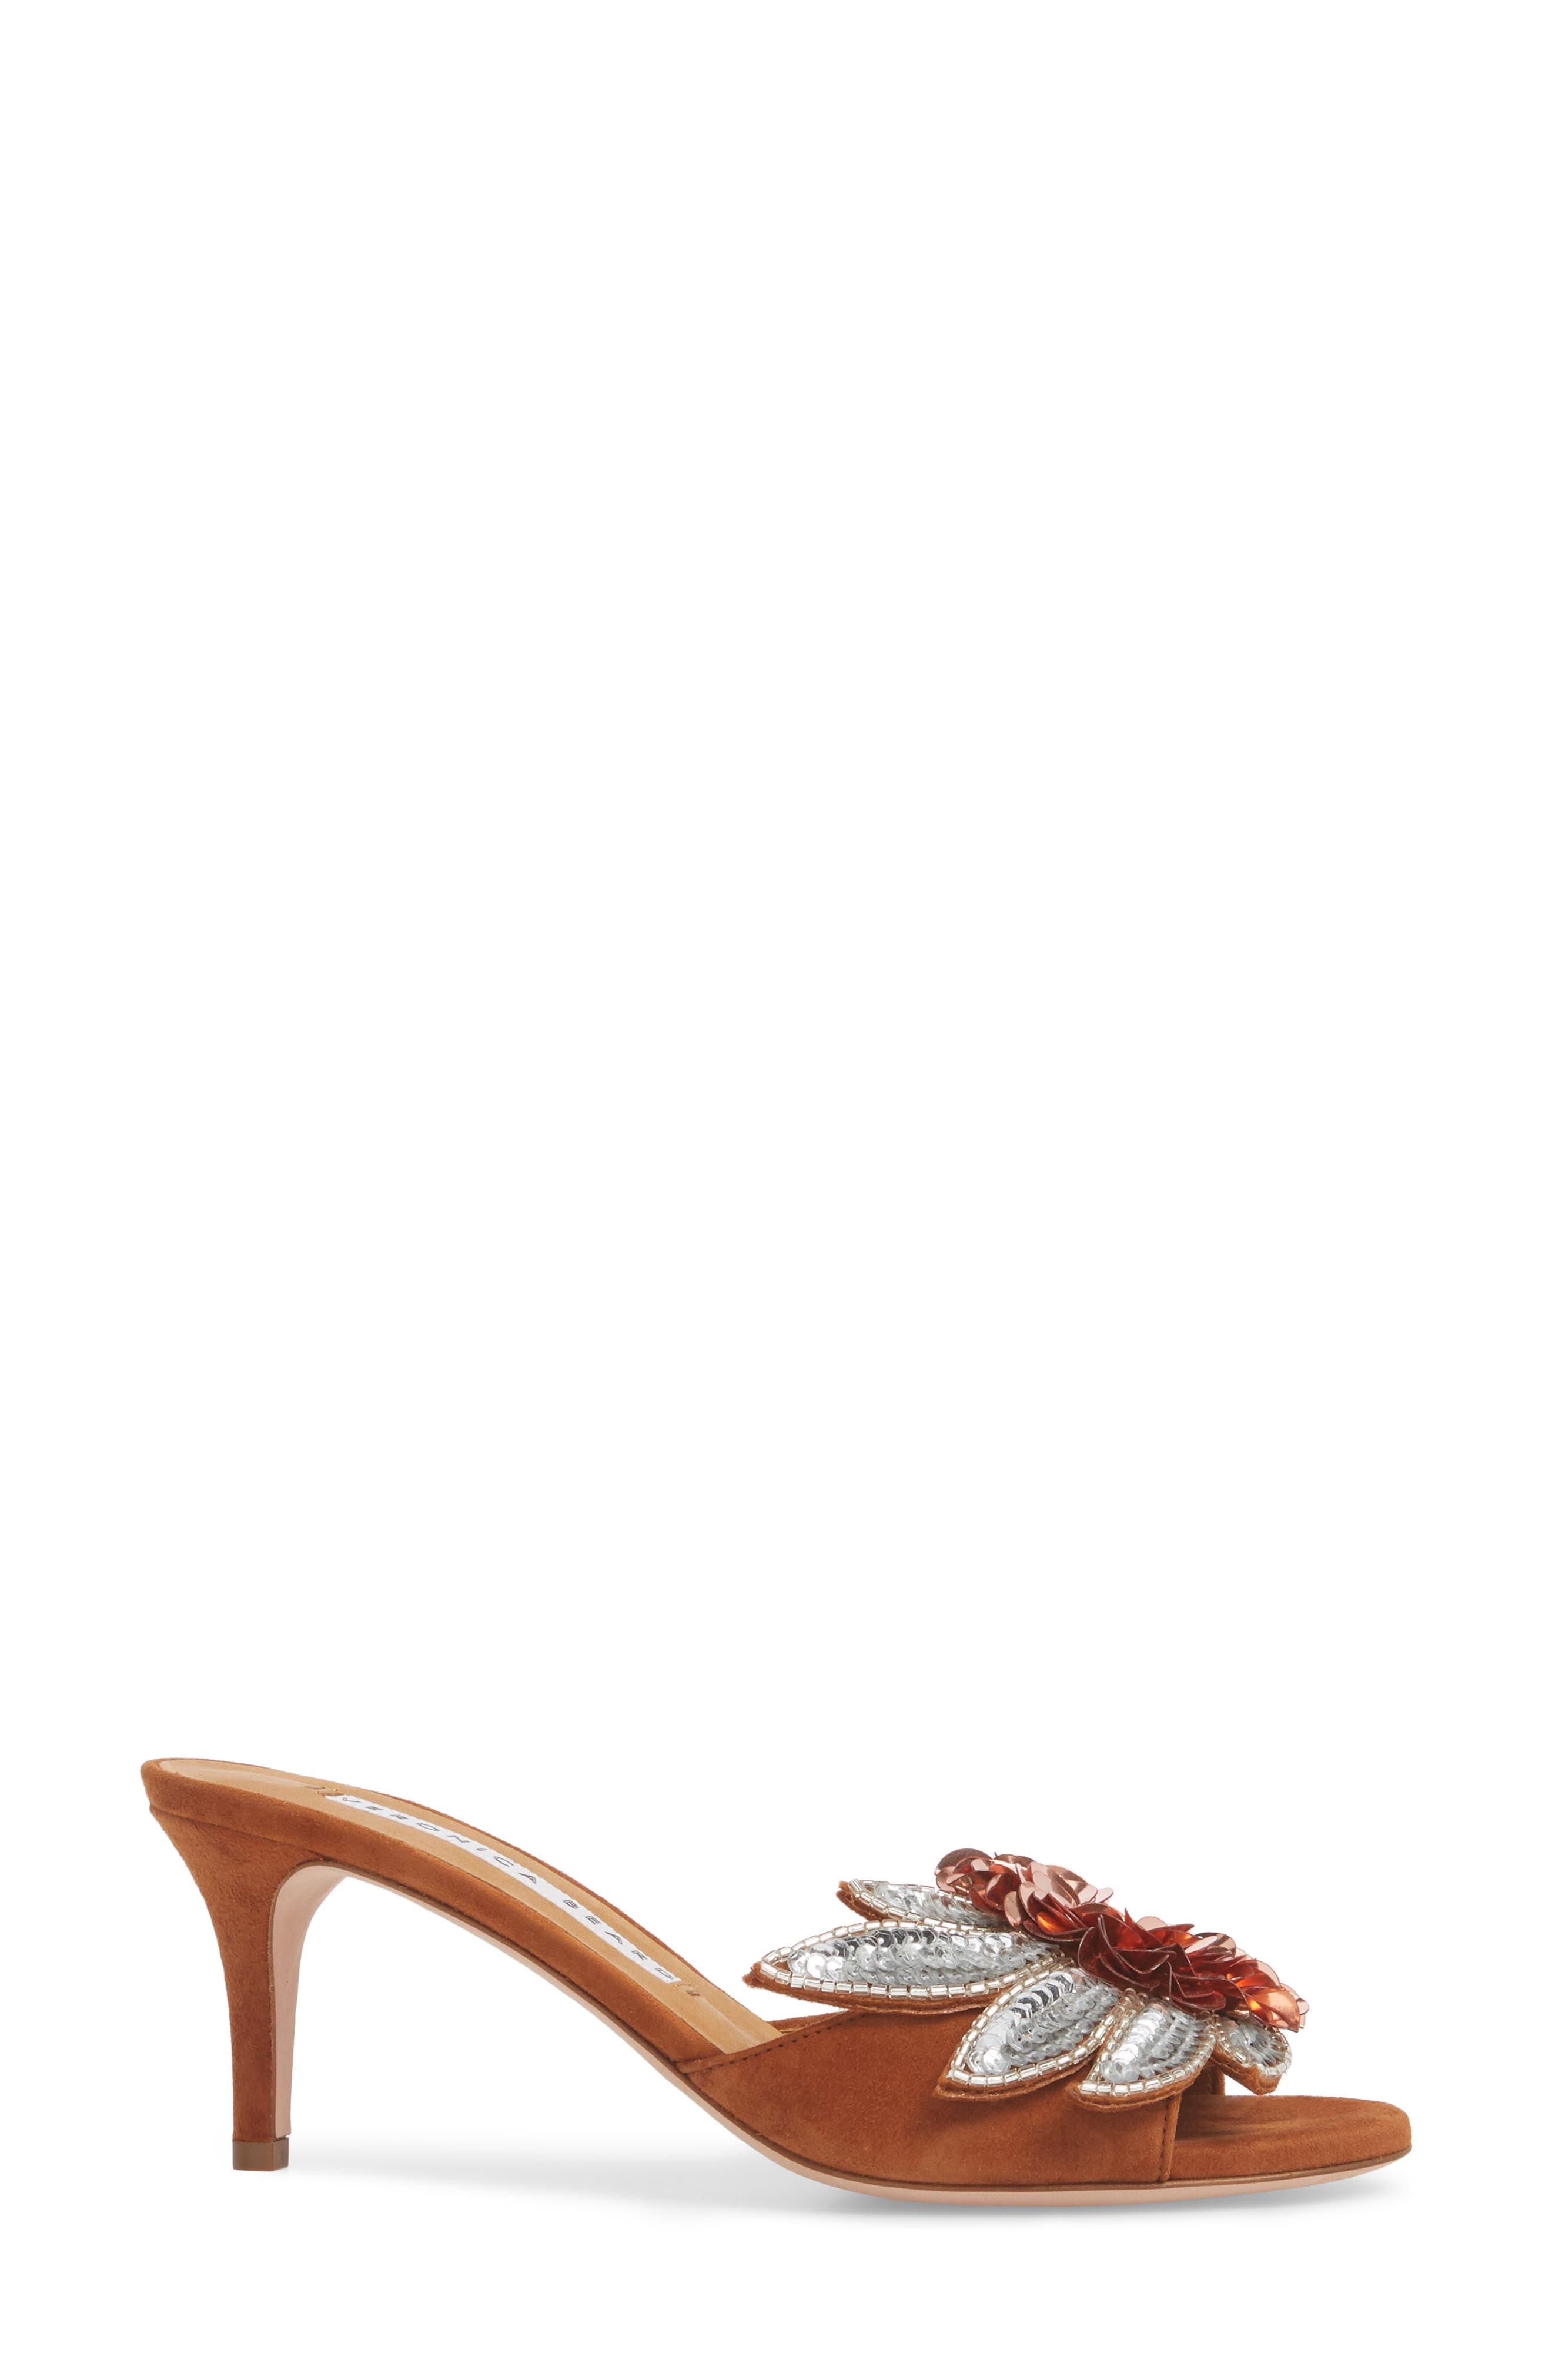 Nev Embellished Slide Sandal,                             Alternate thumbnail 3, color,                             210